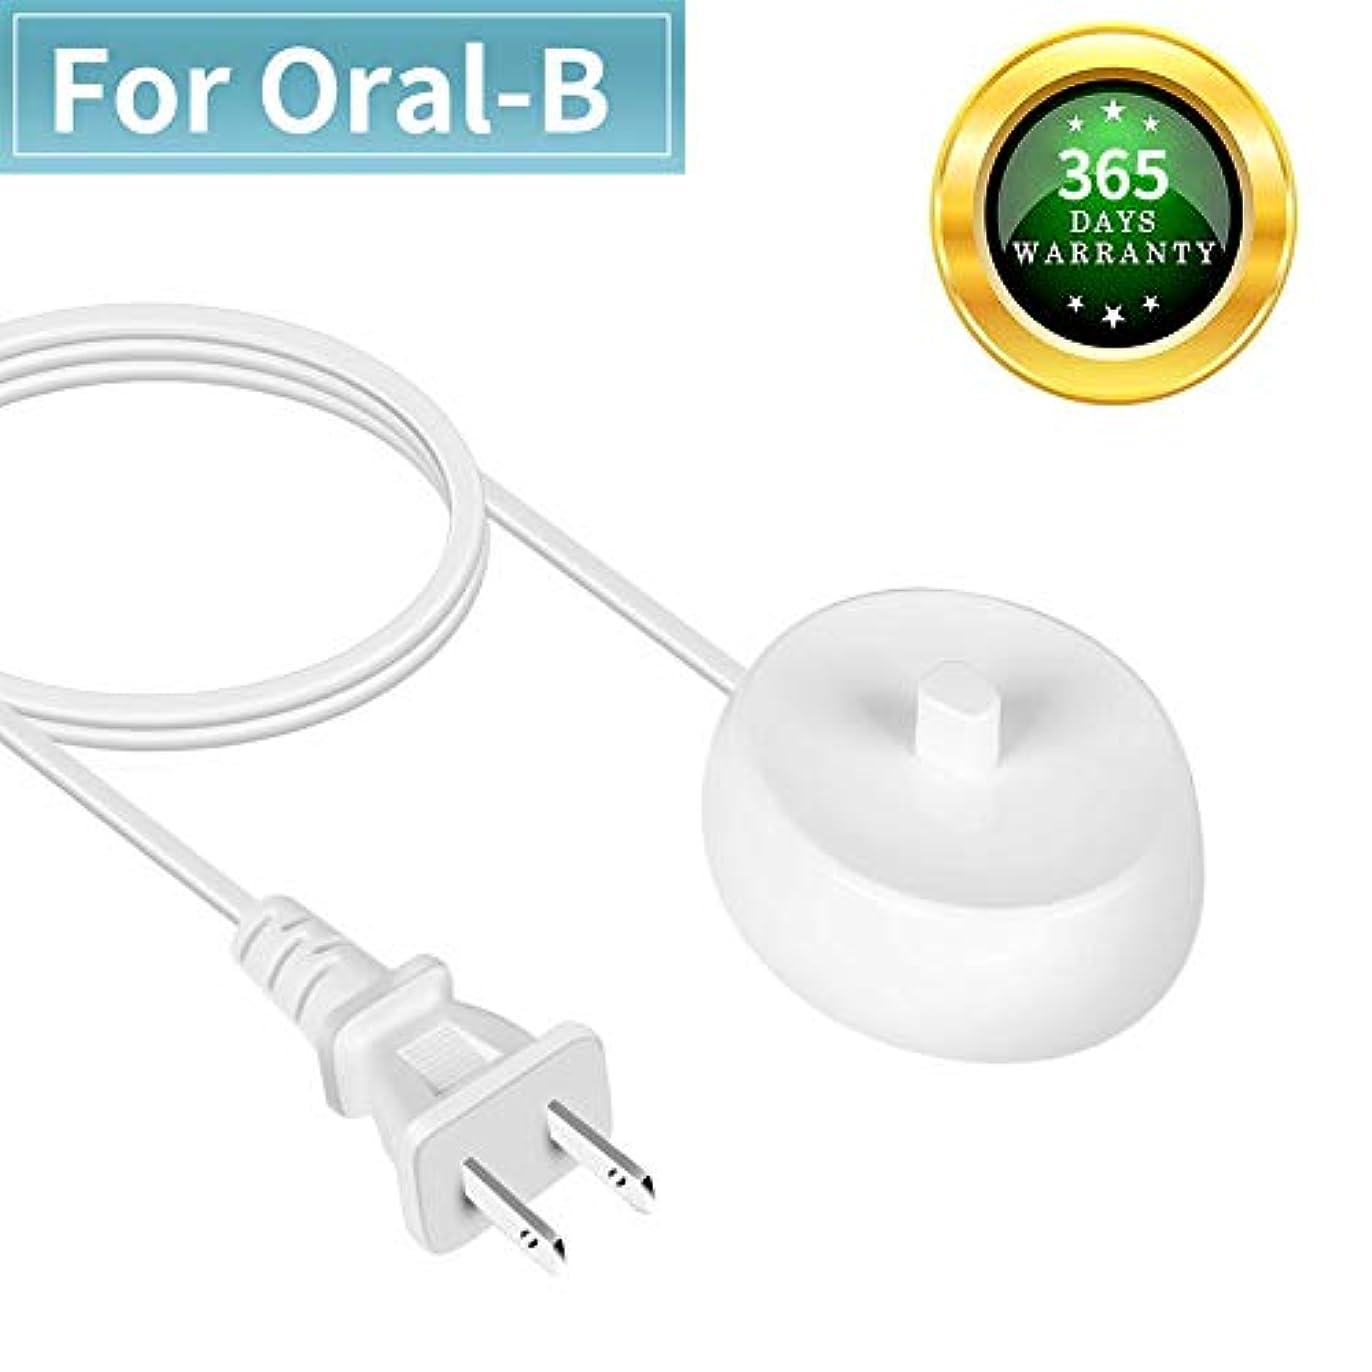 それ信頼性のある自由Punasi Braun Oral-b用の充電器 電動歯ブラシ専用 充電器 ACアダプタ 3757 D12013AE D12013Tなど対応 携帯用 小型充電器 ブラウン オーラルBに交換用 防水IP67